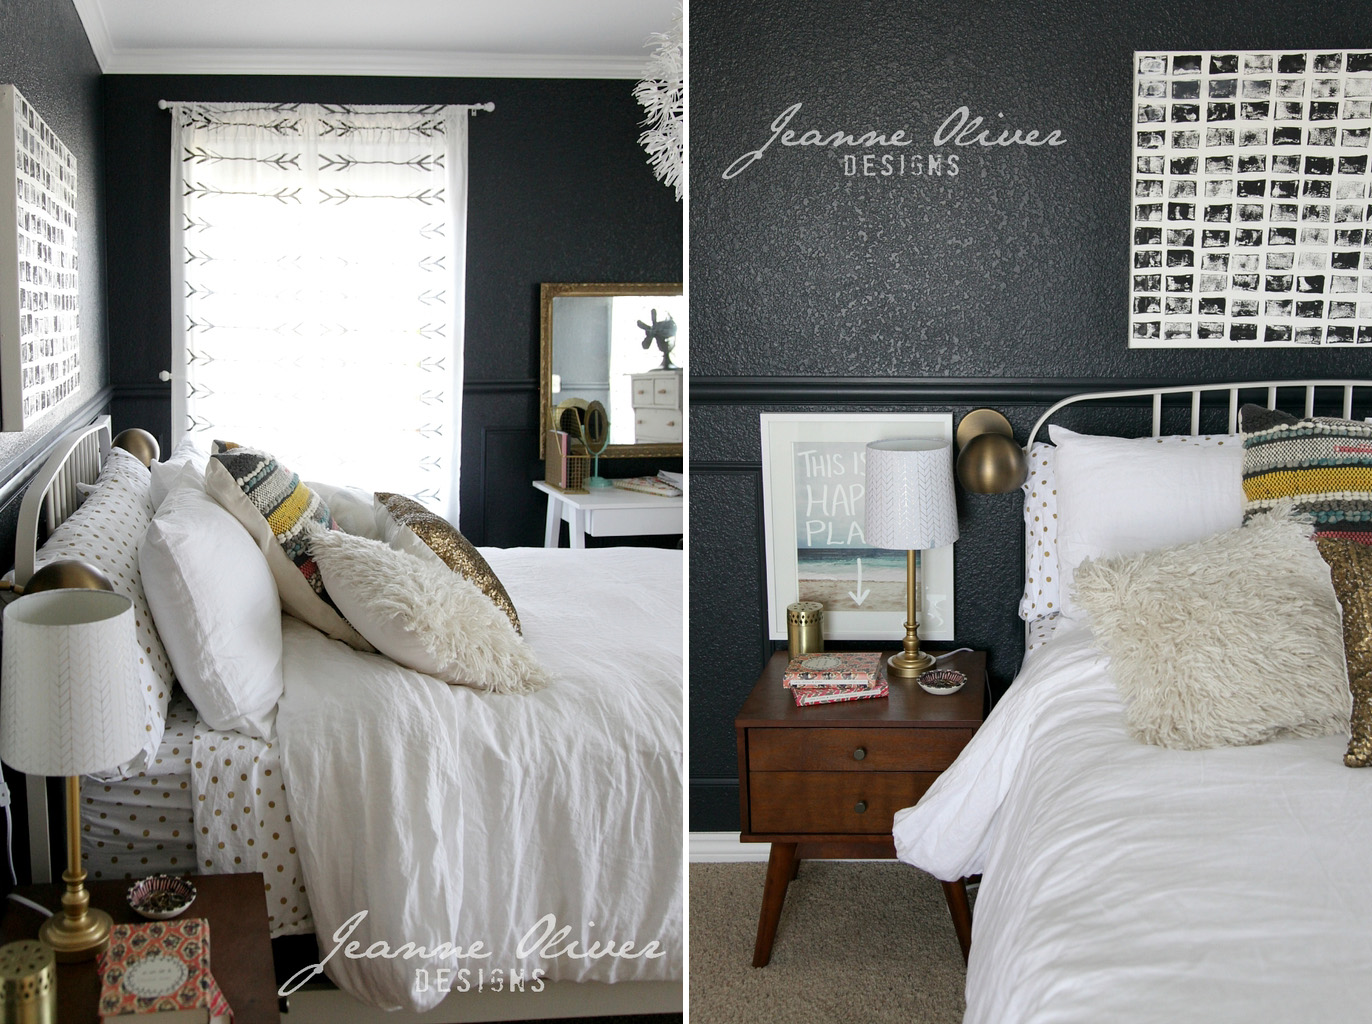 Idee per la camera di una ragazza shabby chic interiors for Idee camera